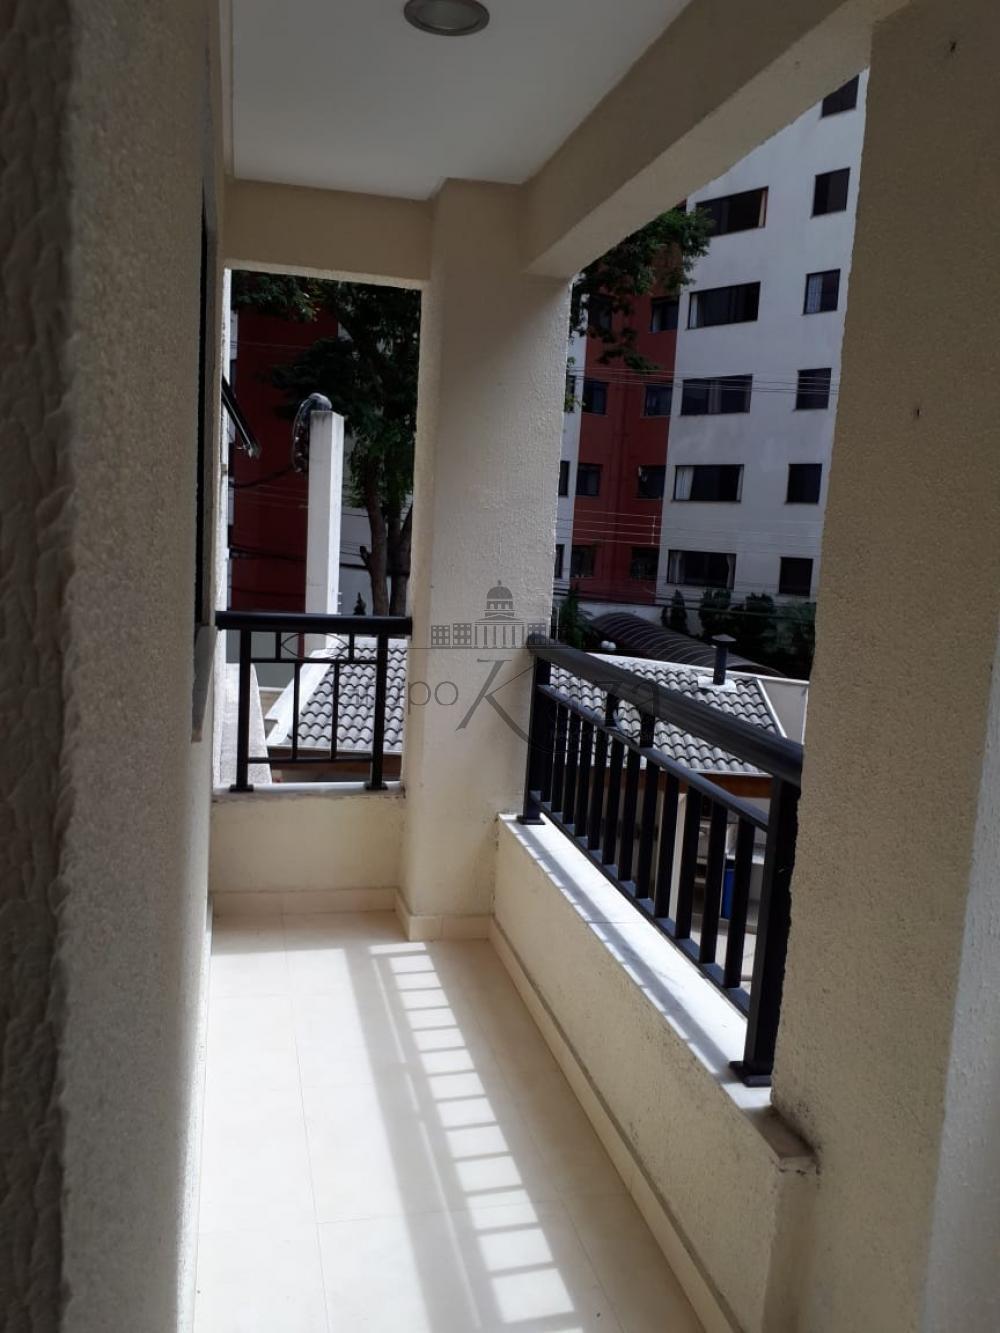 Alugar Apartamento / Padrão em São José dos Campos R$ 2.650,00 - Foto 3